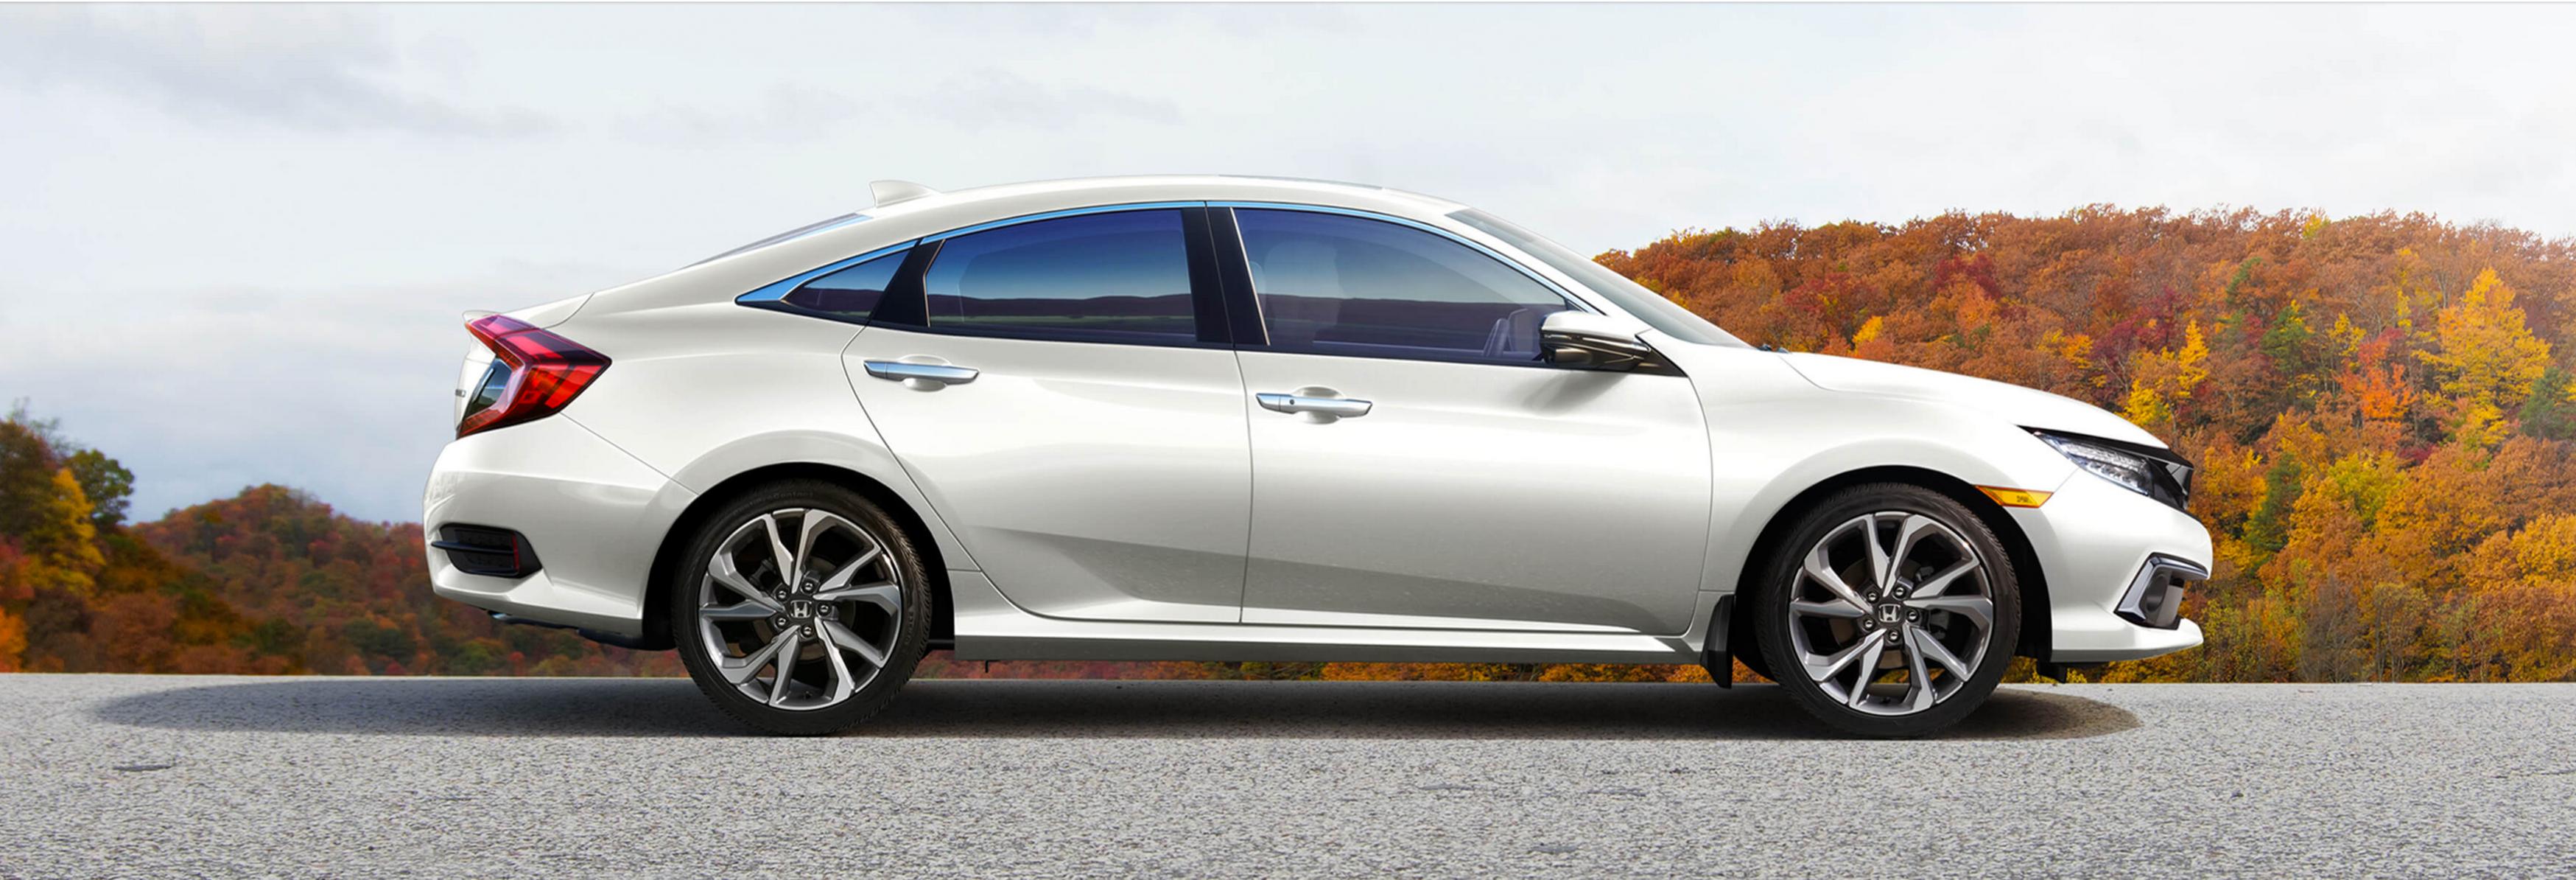 Kelebihan Honda Civic Sedan 2019 Tangguh